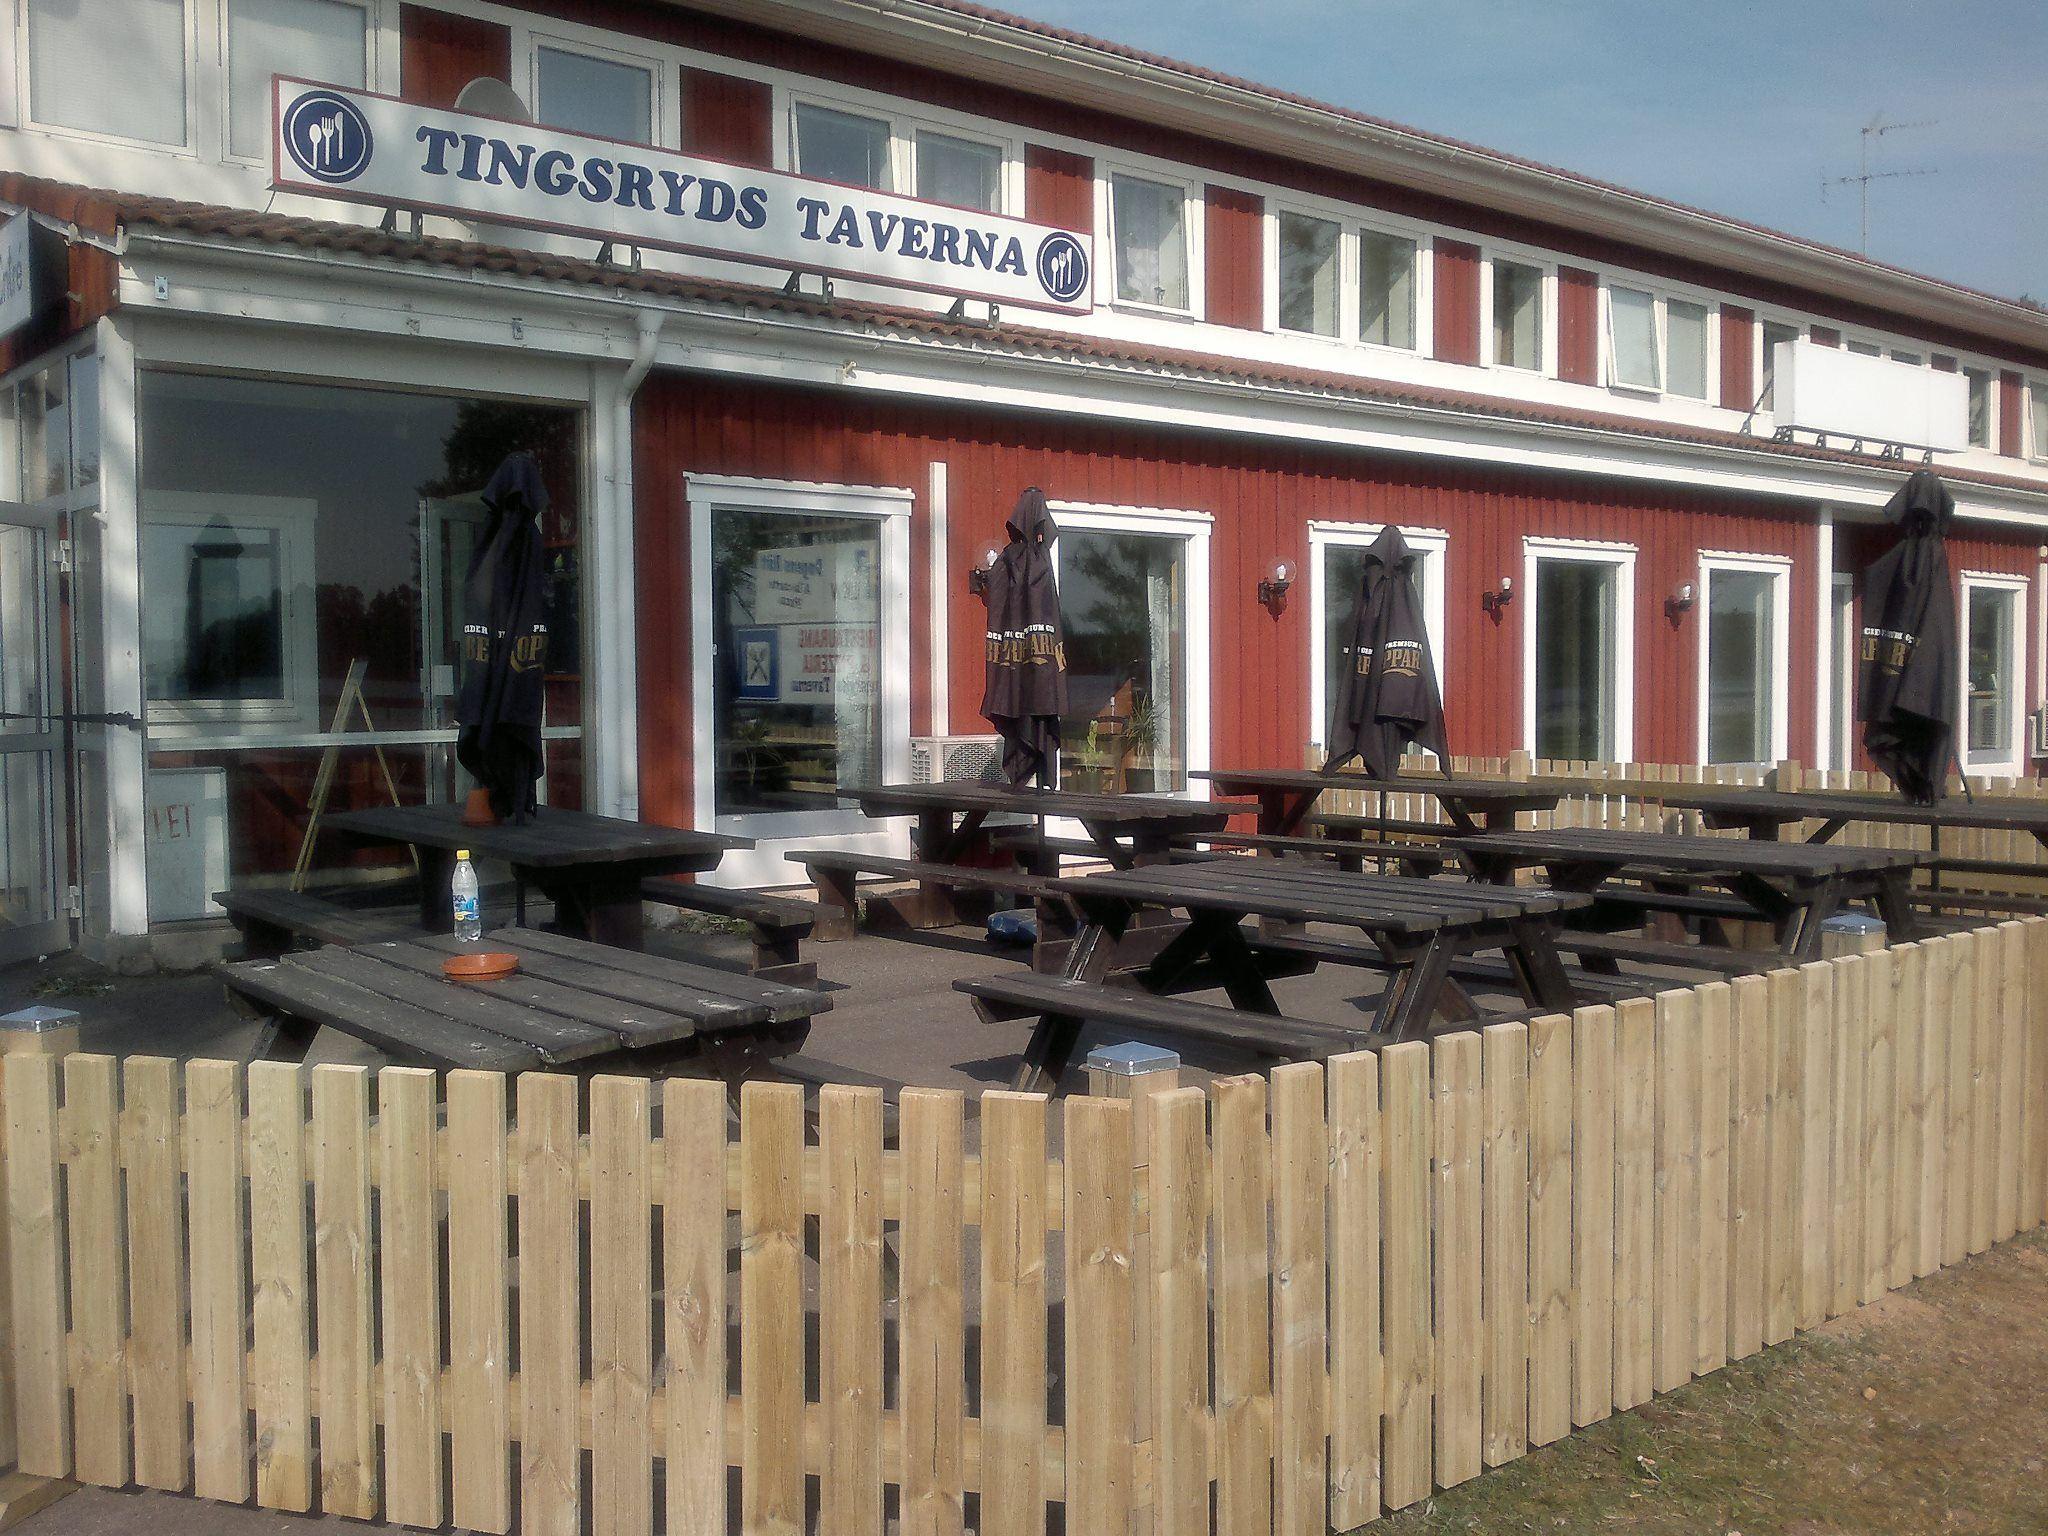 Tingsryds Taverna